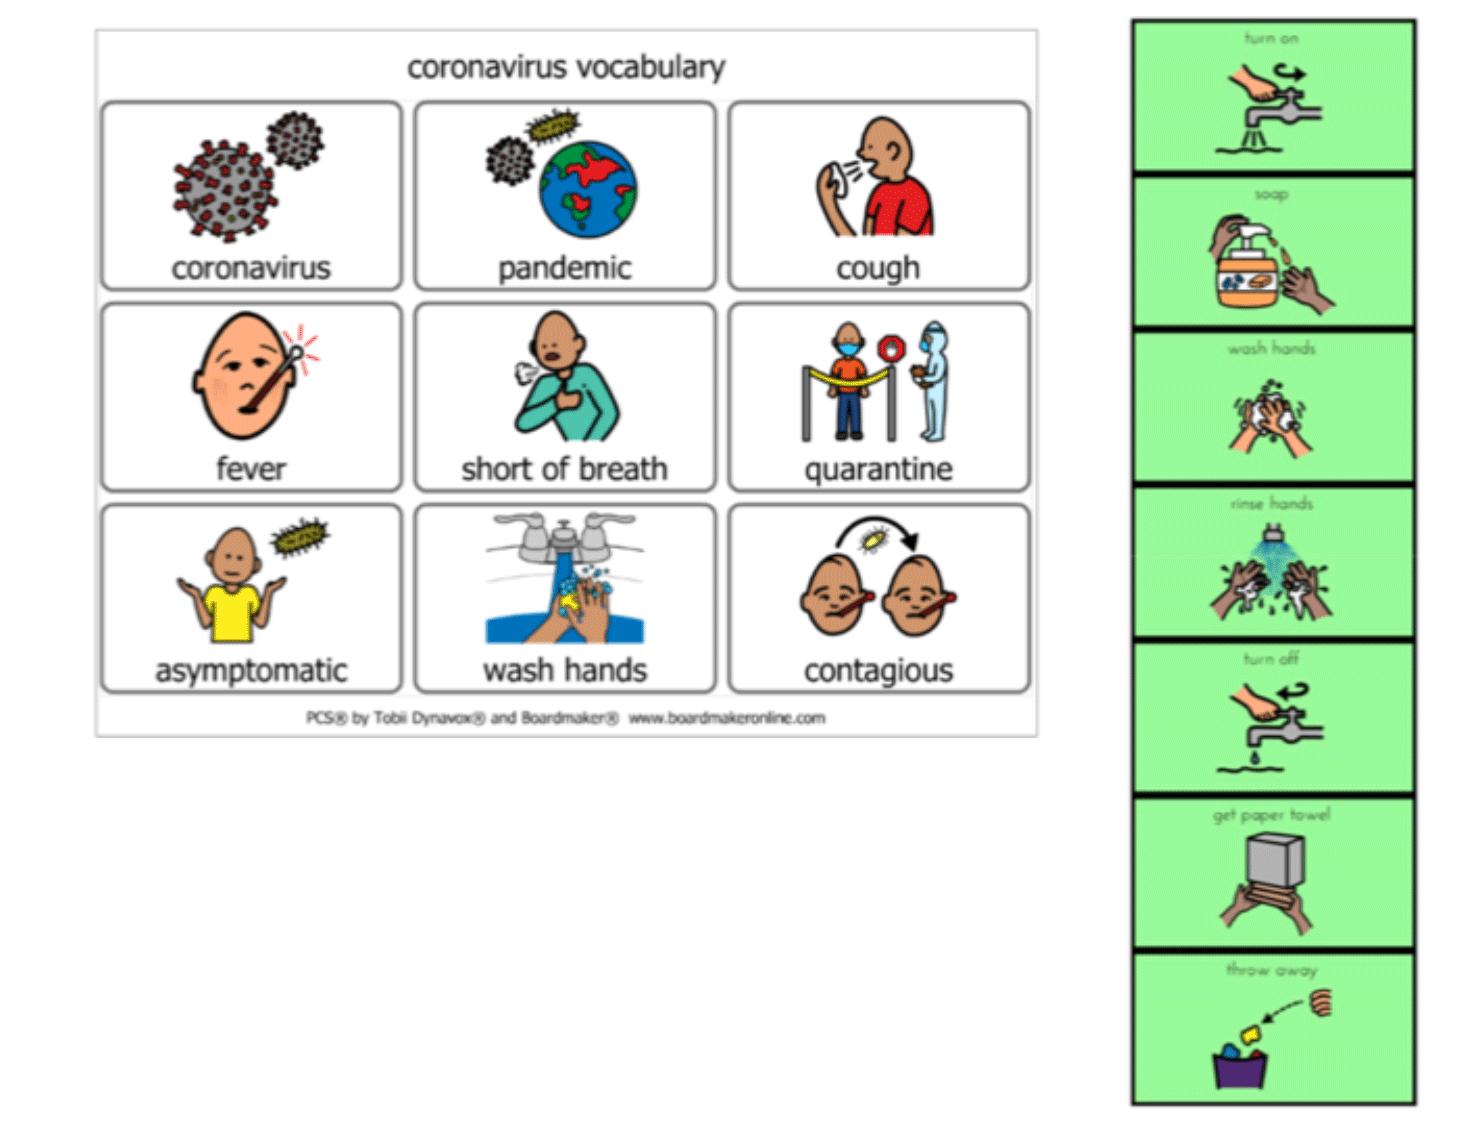 noarmaker symbols